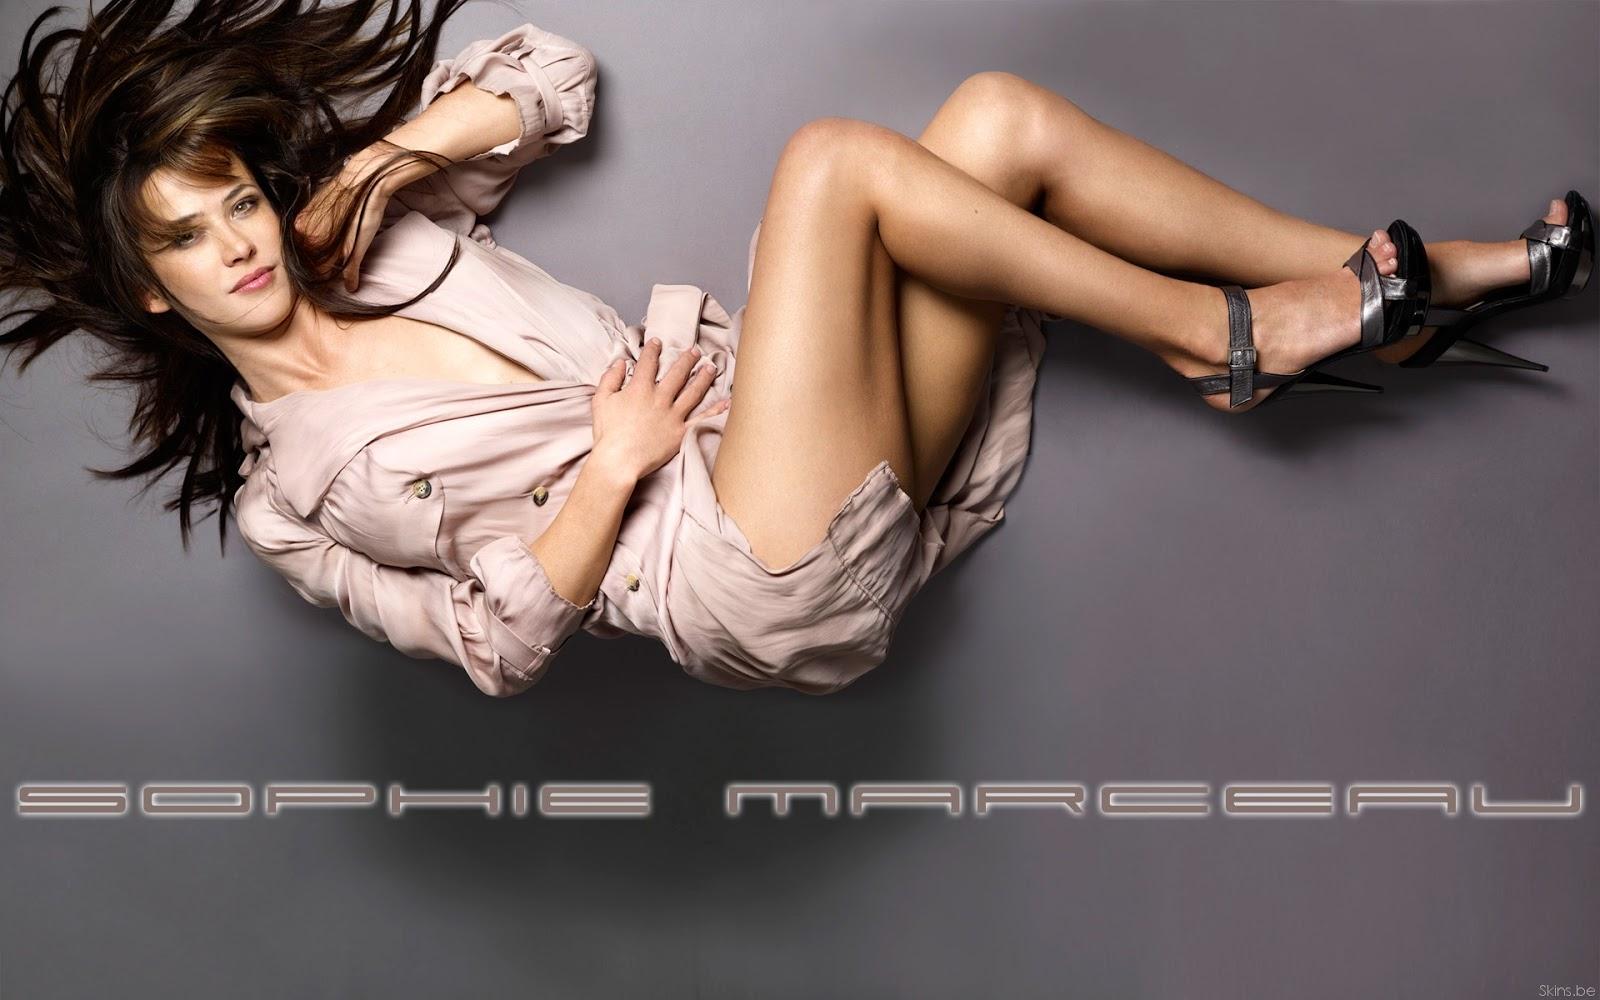 http://1.bp.blogspot.com/-q8_6-kRUTC4/USZoDP-HWsI/AAAAAAAAFmo/lRPY3nCzWfo/s1600/Sophie+Marceau+5.jpg